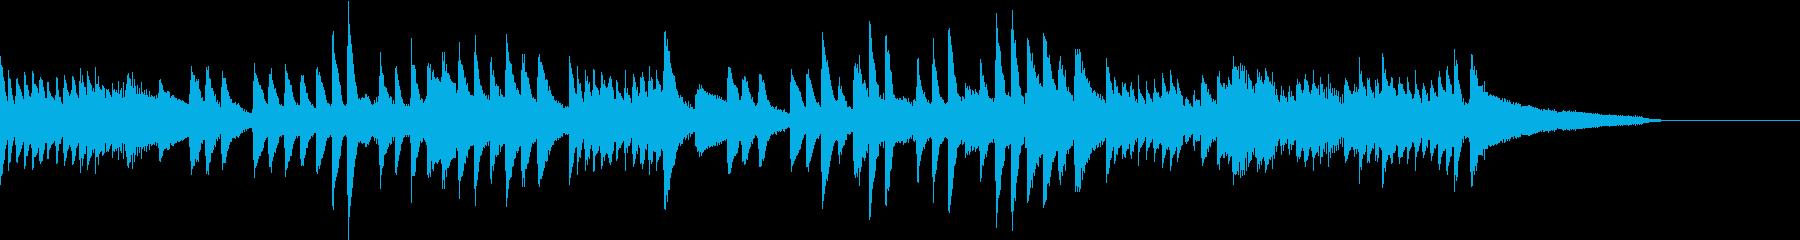 遠くの花火の音が聴こえるピアノジングルの再生済みの波形